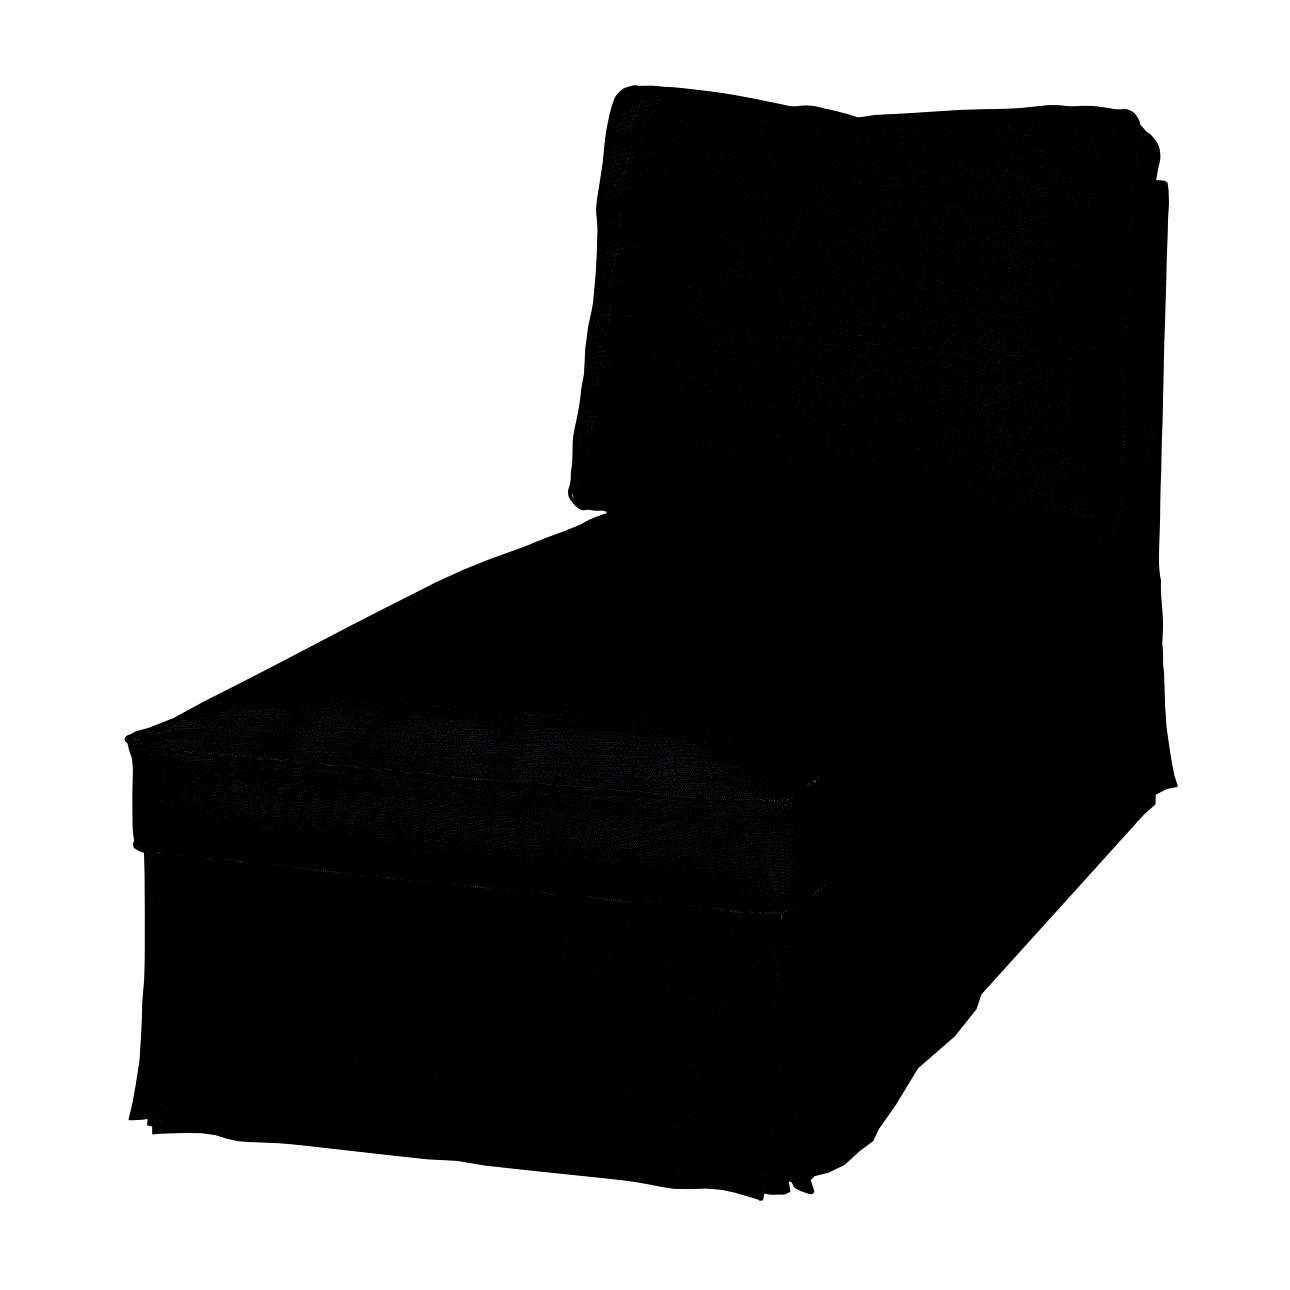 Pokrowiec na szezlong Ektorp wolnostojący prosty tył szezlong Ektorp wolnostojący w kolekcji Etna , tkanina: 705-00